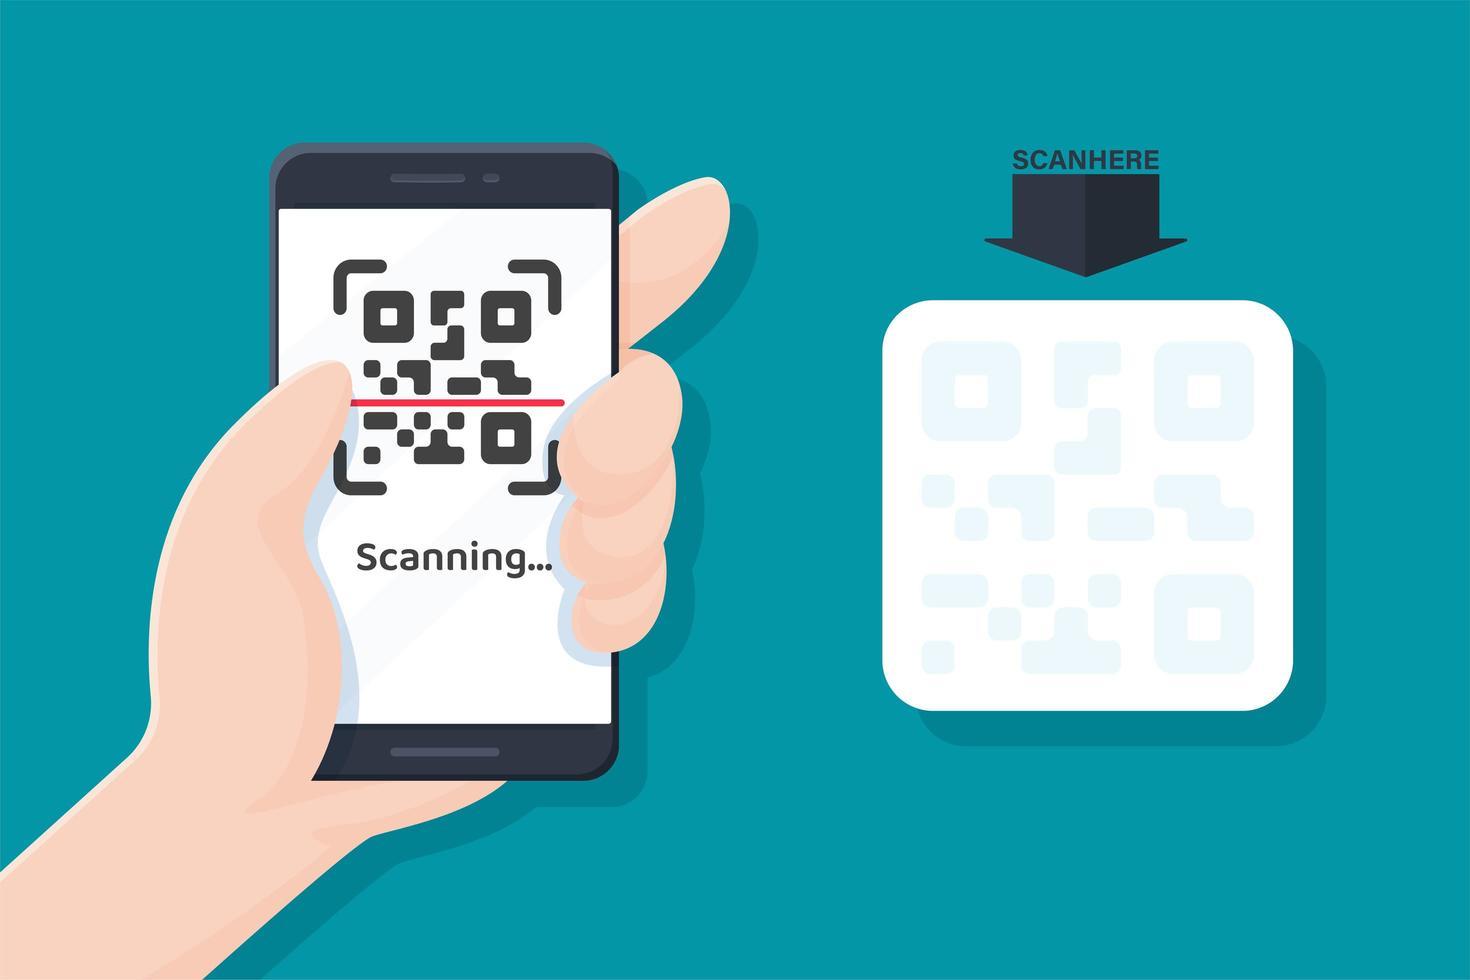 codice qr di scansione del telefono cellulare vettore